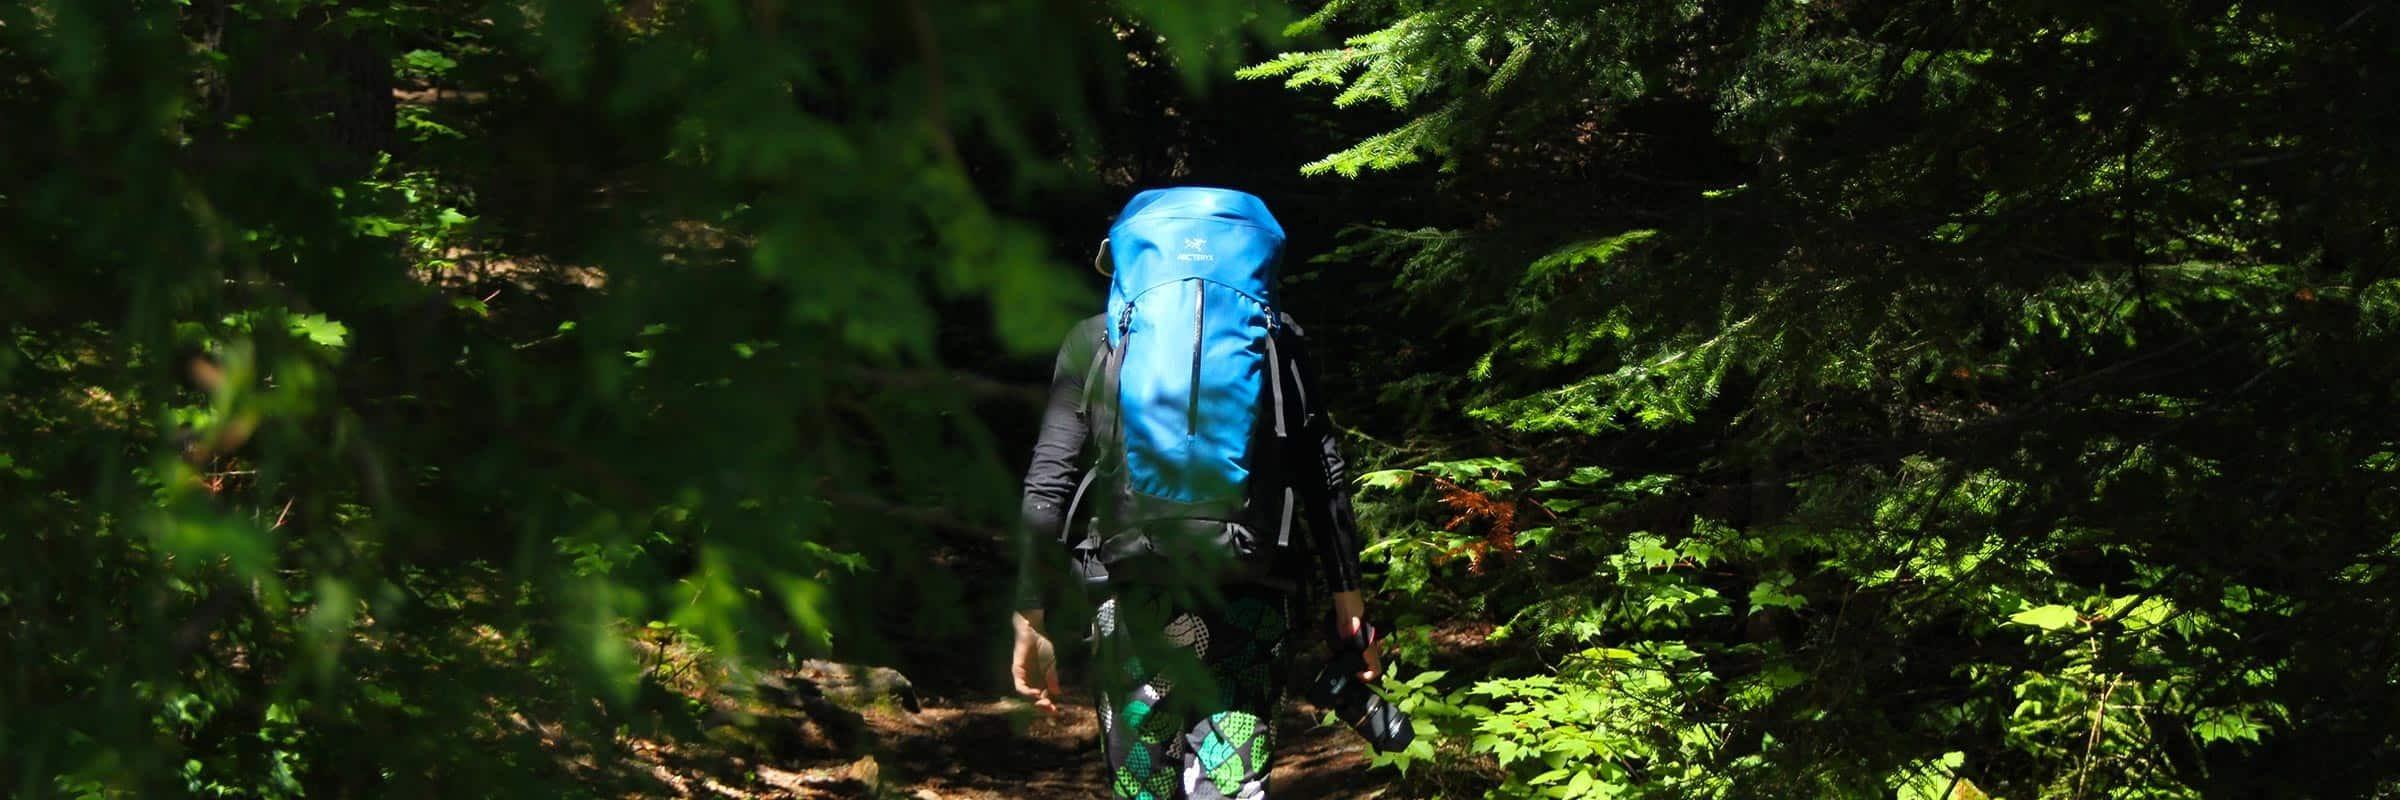 bora ar 50 backpack